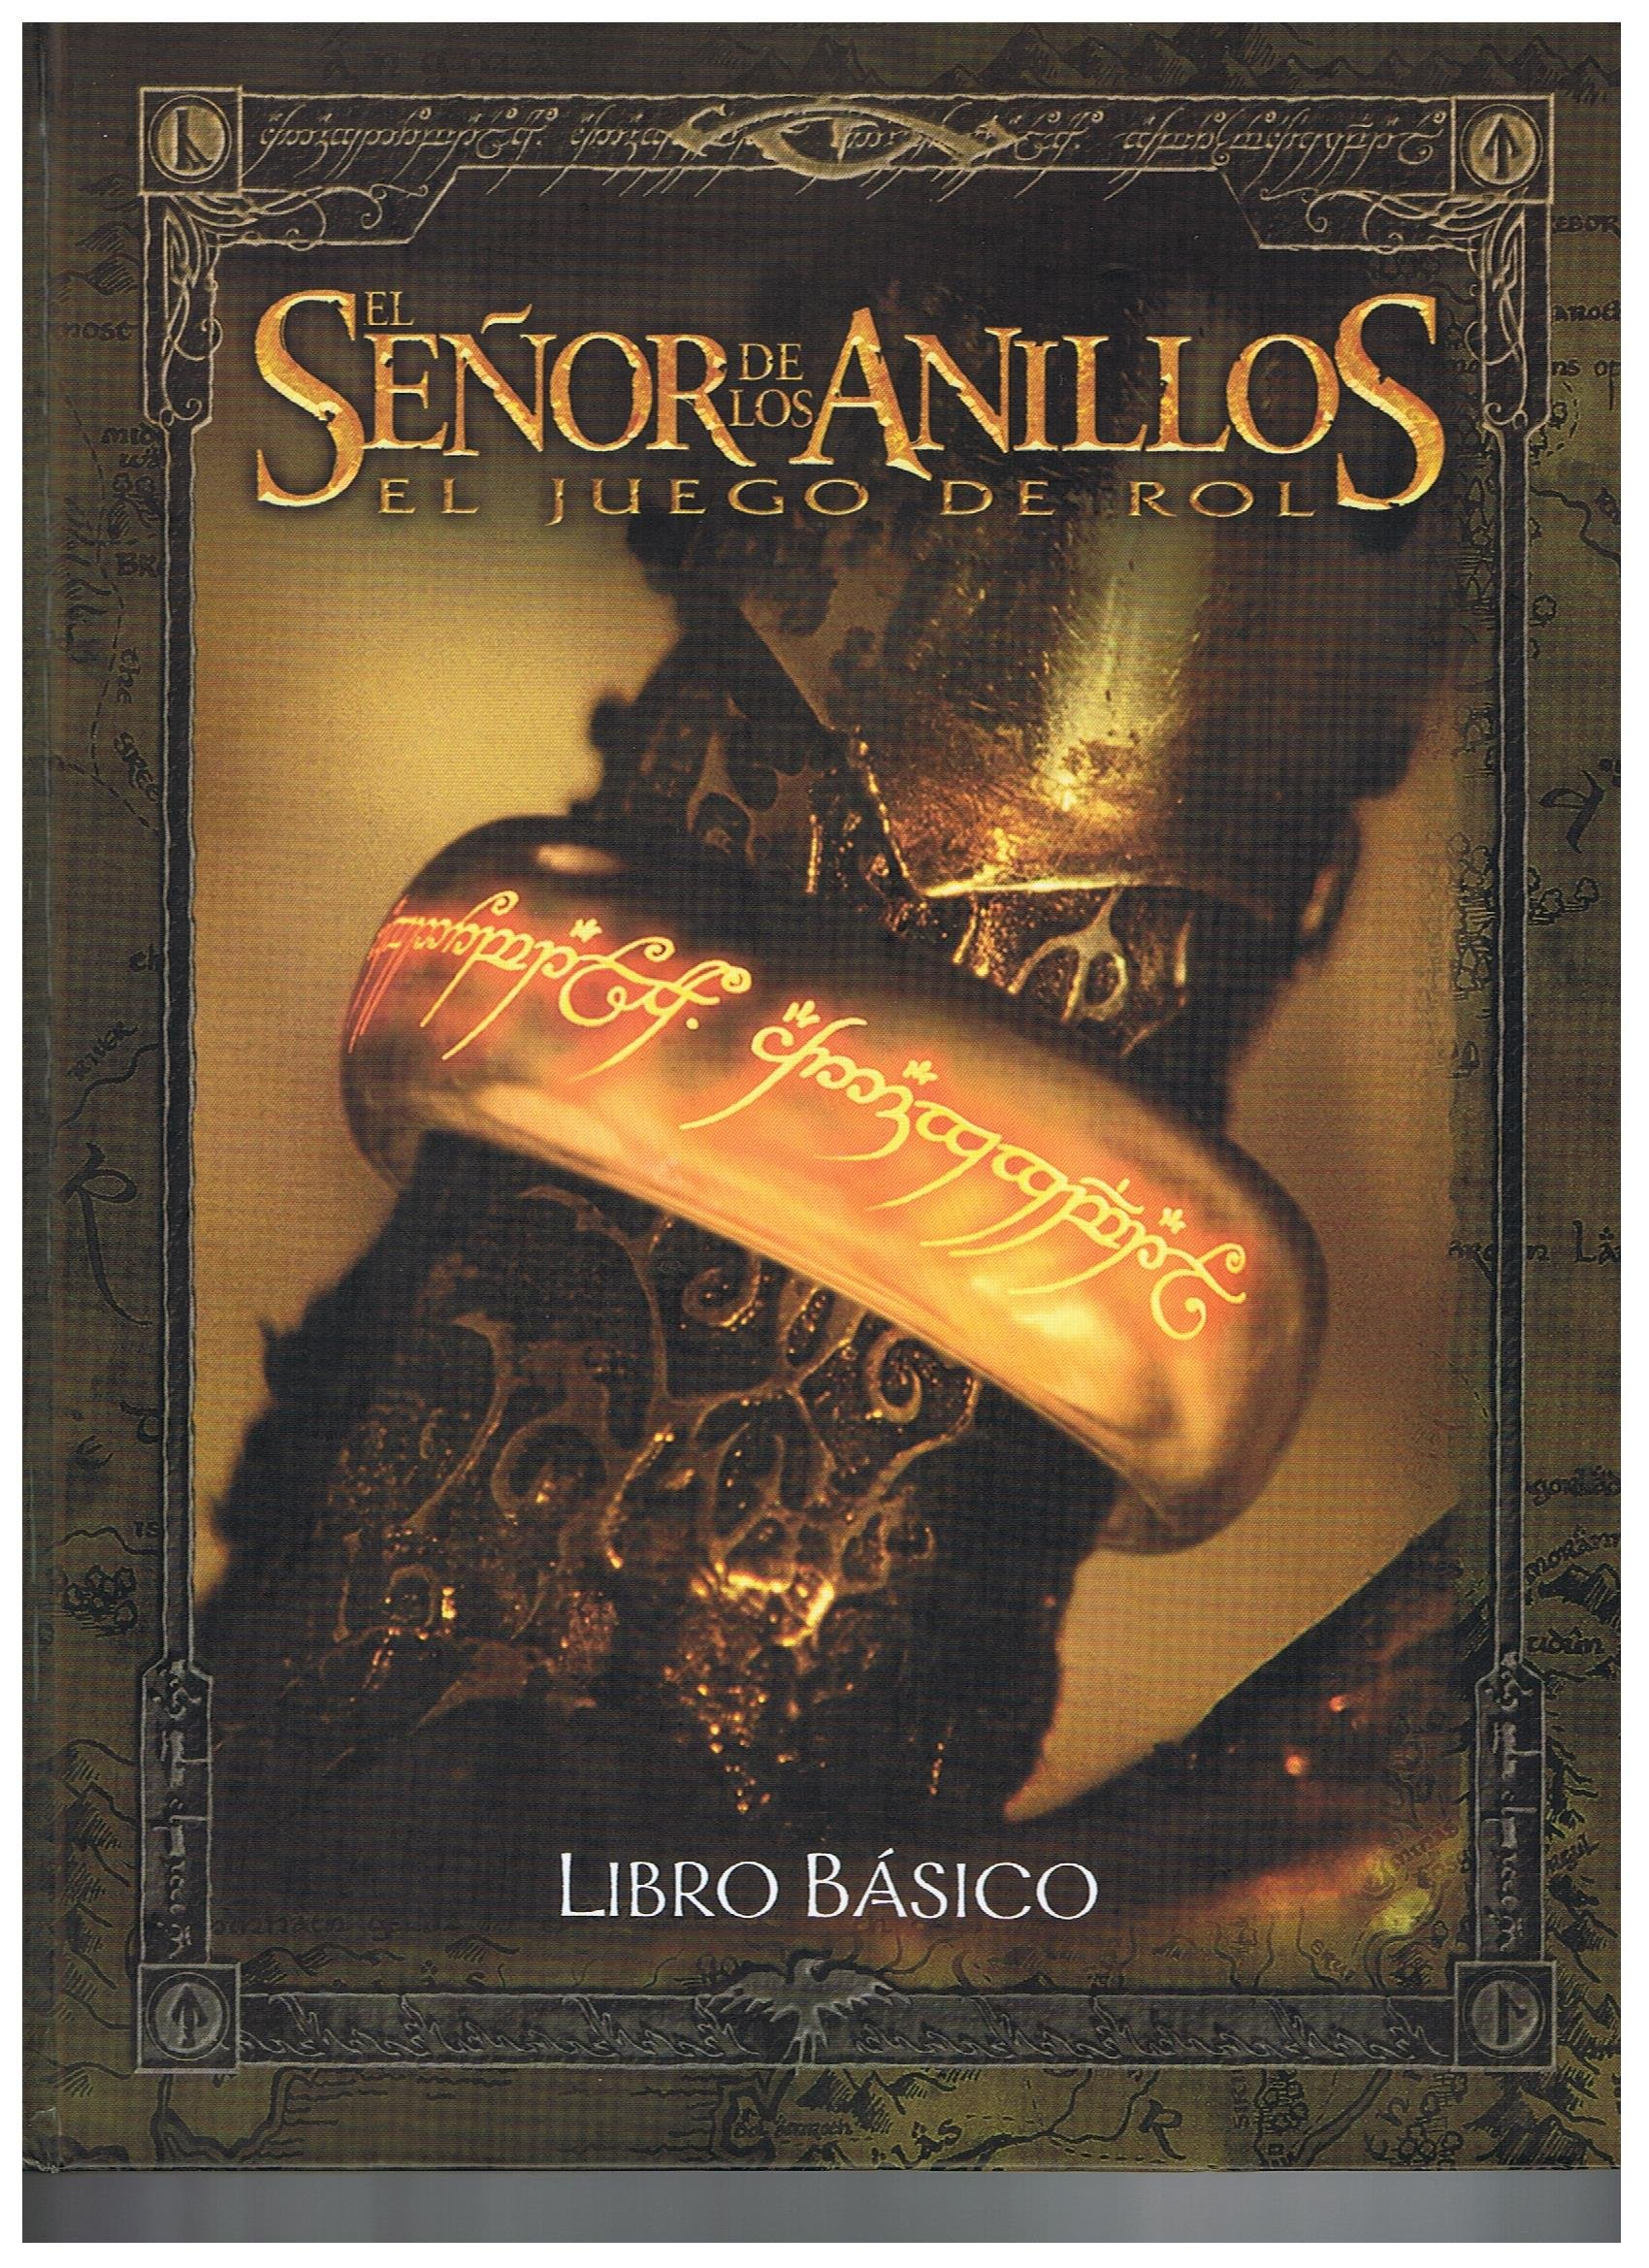 El señor de los anillos. juego de rol: Amazon.es: Fernandez Castro ...